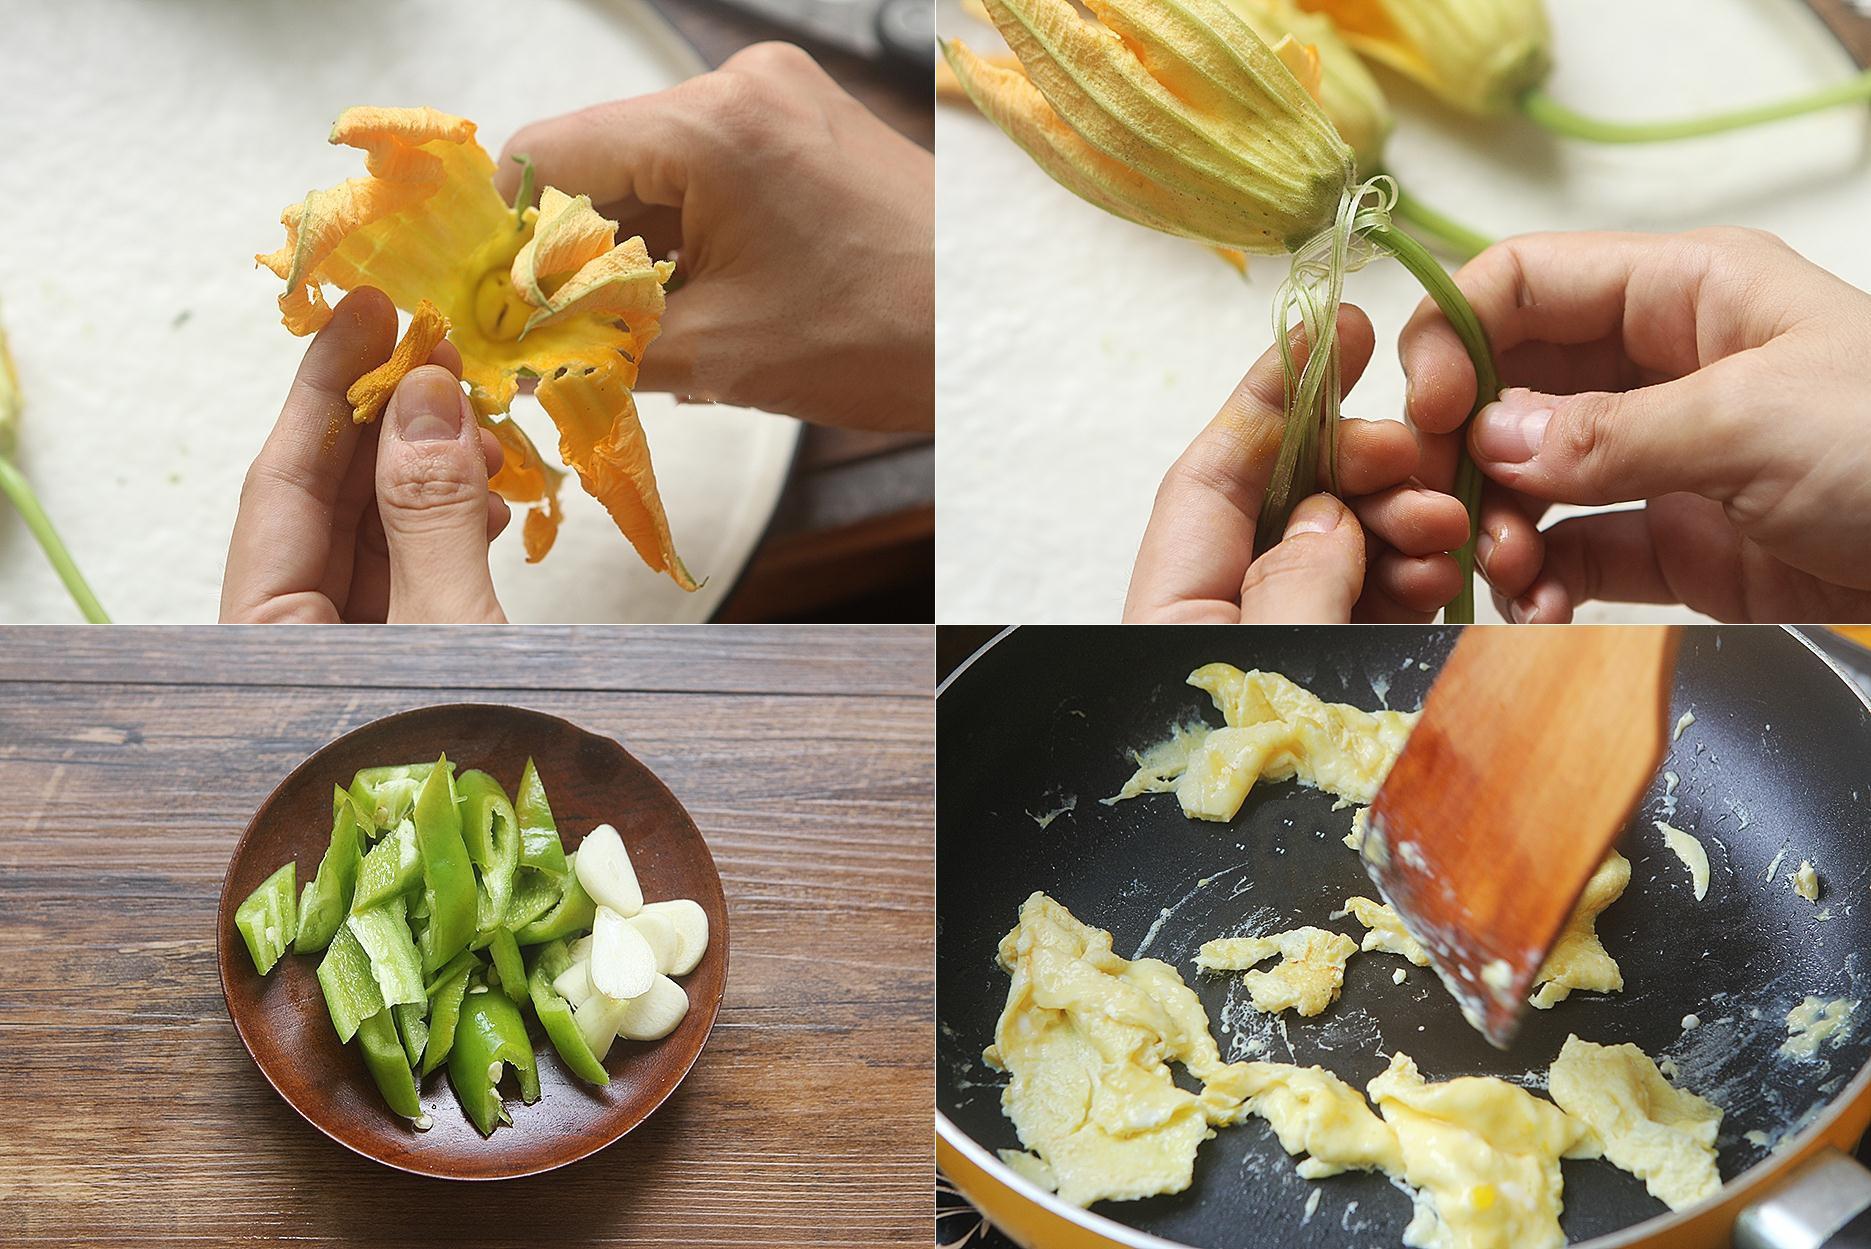 2 món ngon dễ làm từ hoa bí cho bữa tối thêm phong phú - Ảnh 5